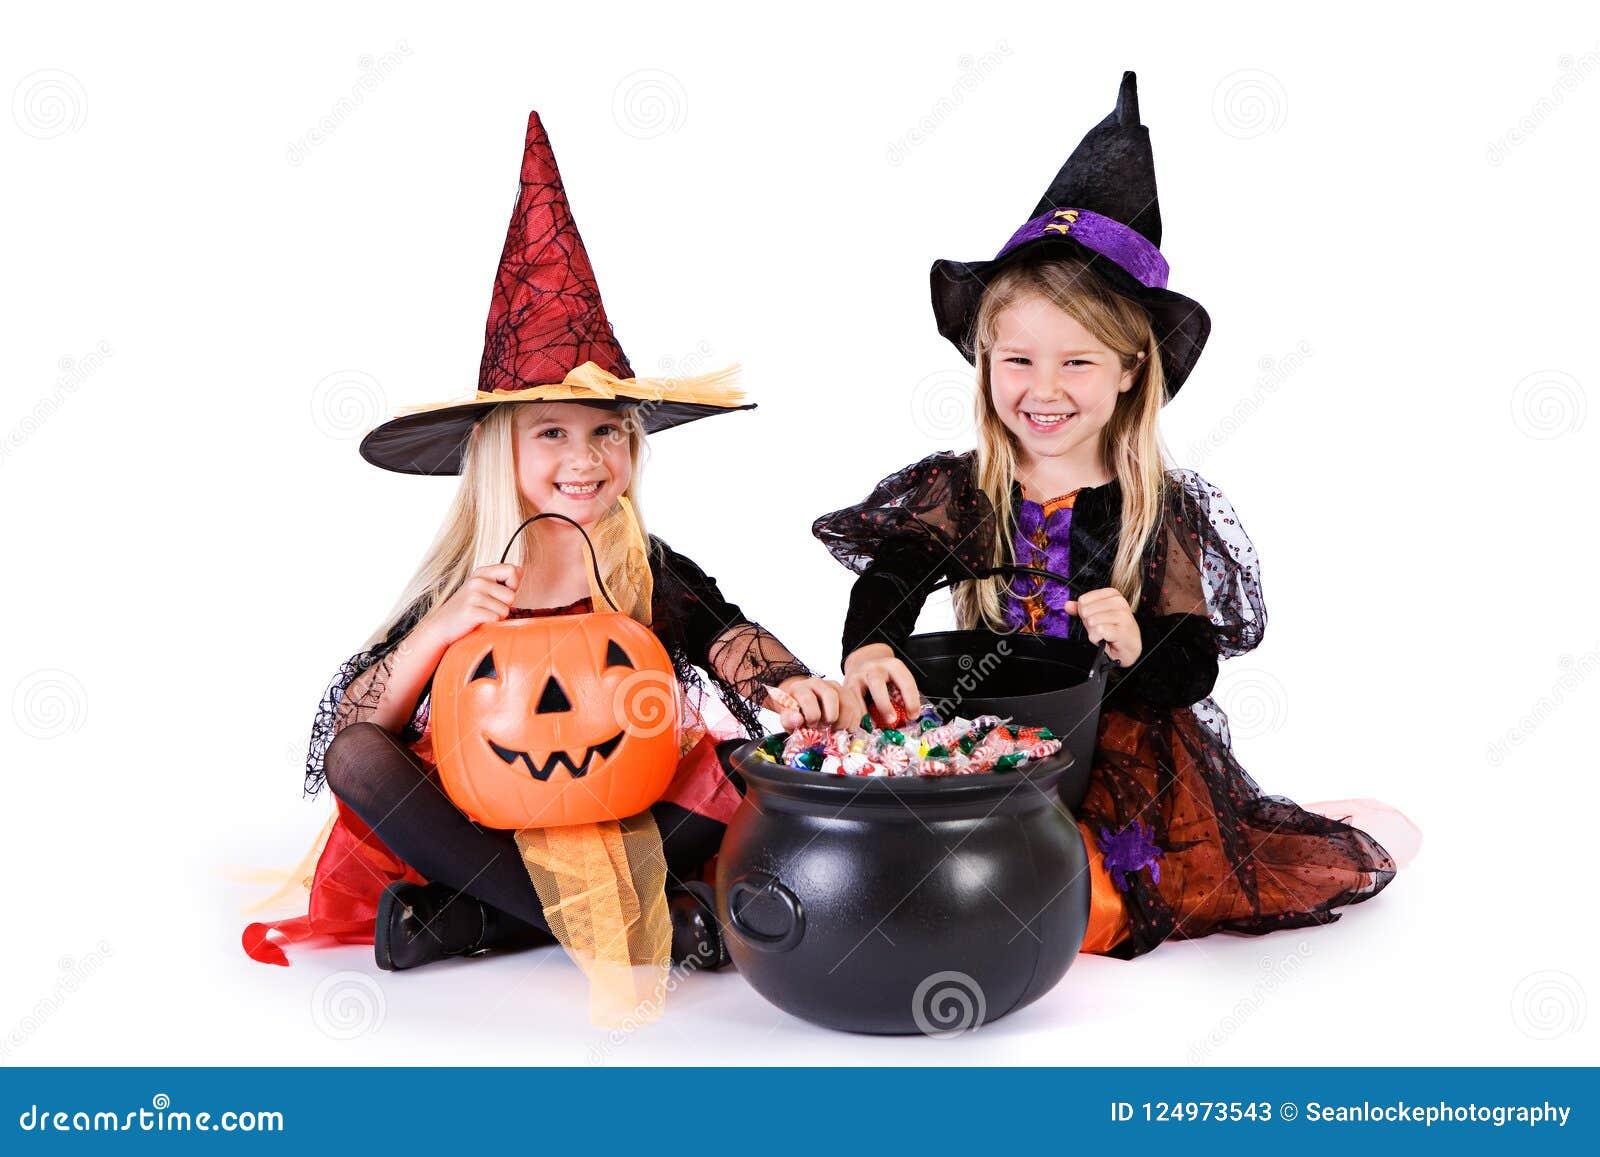 Dia das Bruxas: Meninas prontas para agarrar doces de Dia das Bruxas